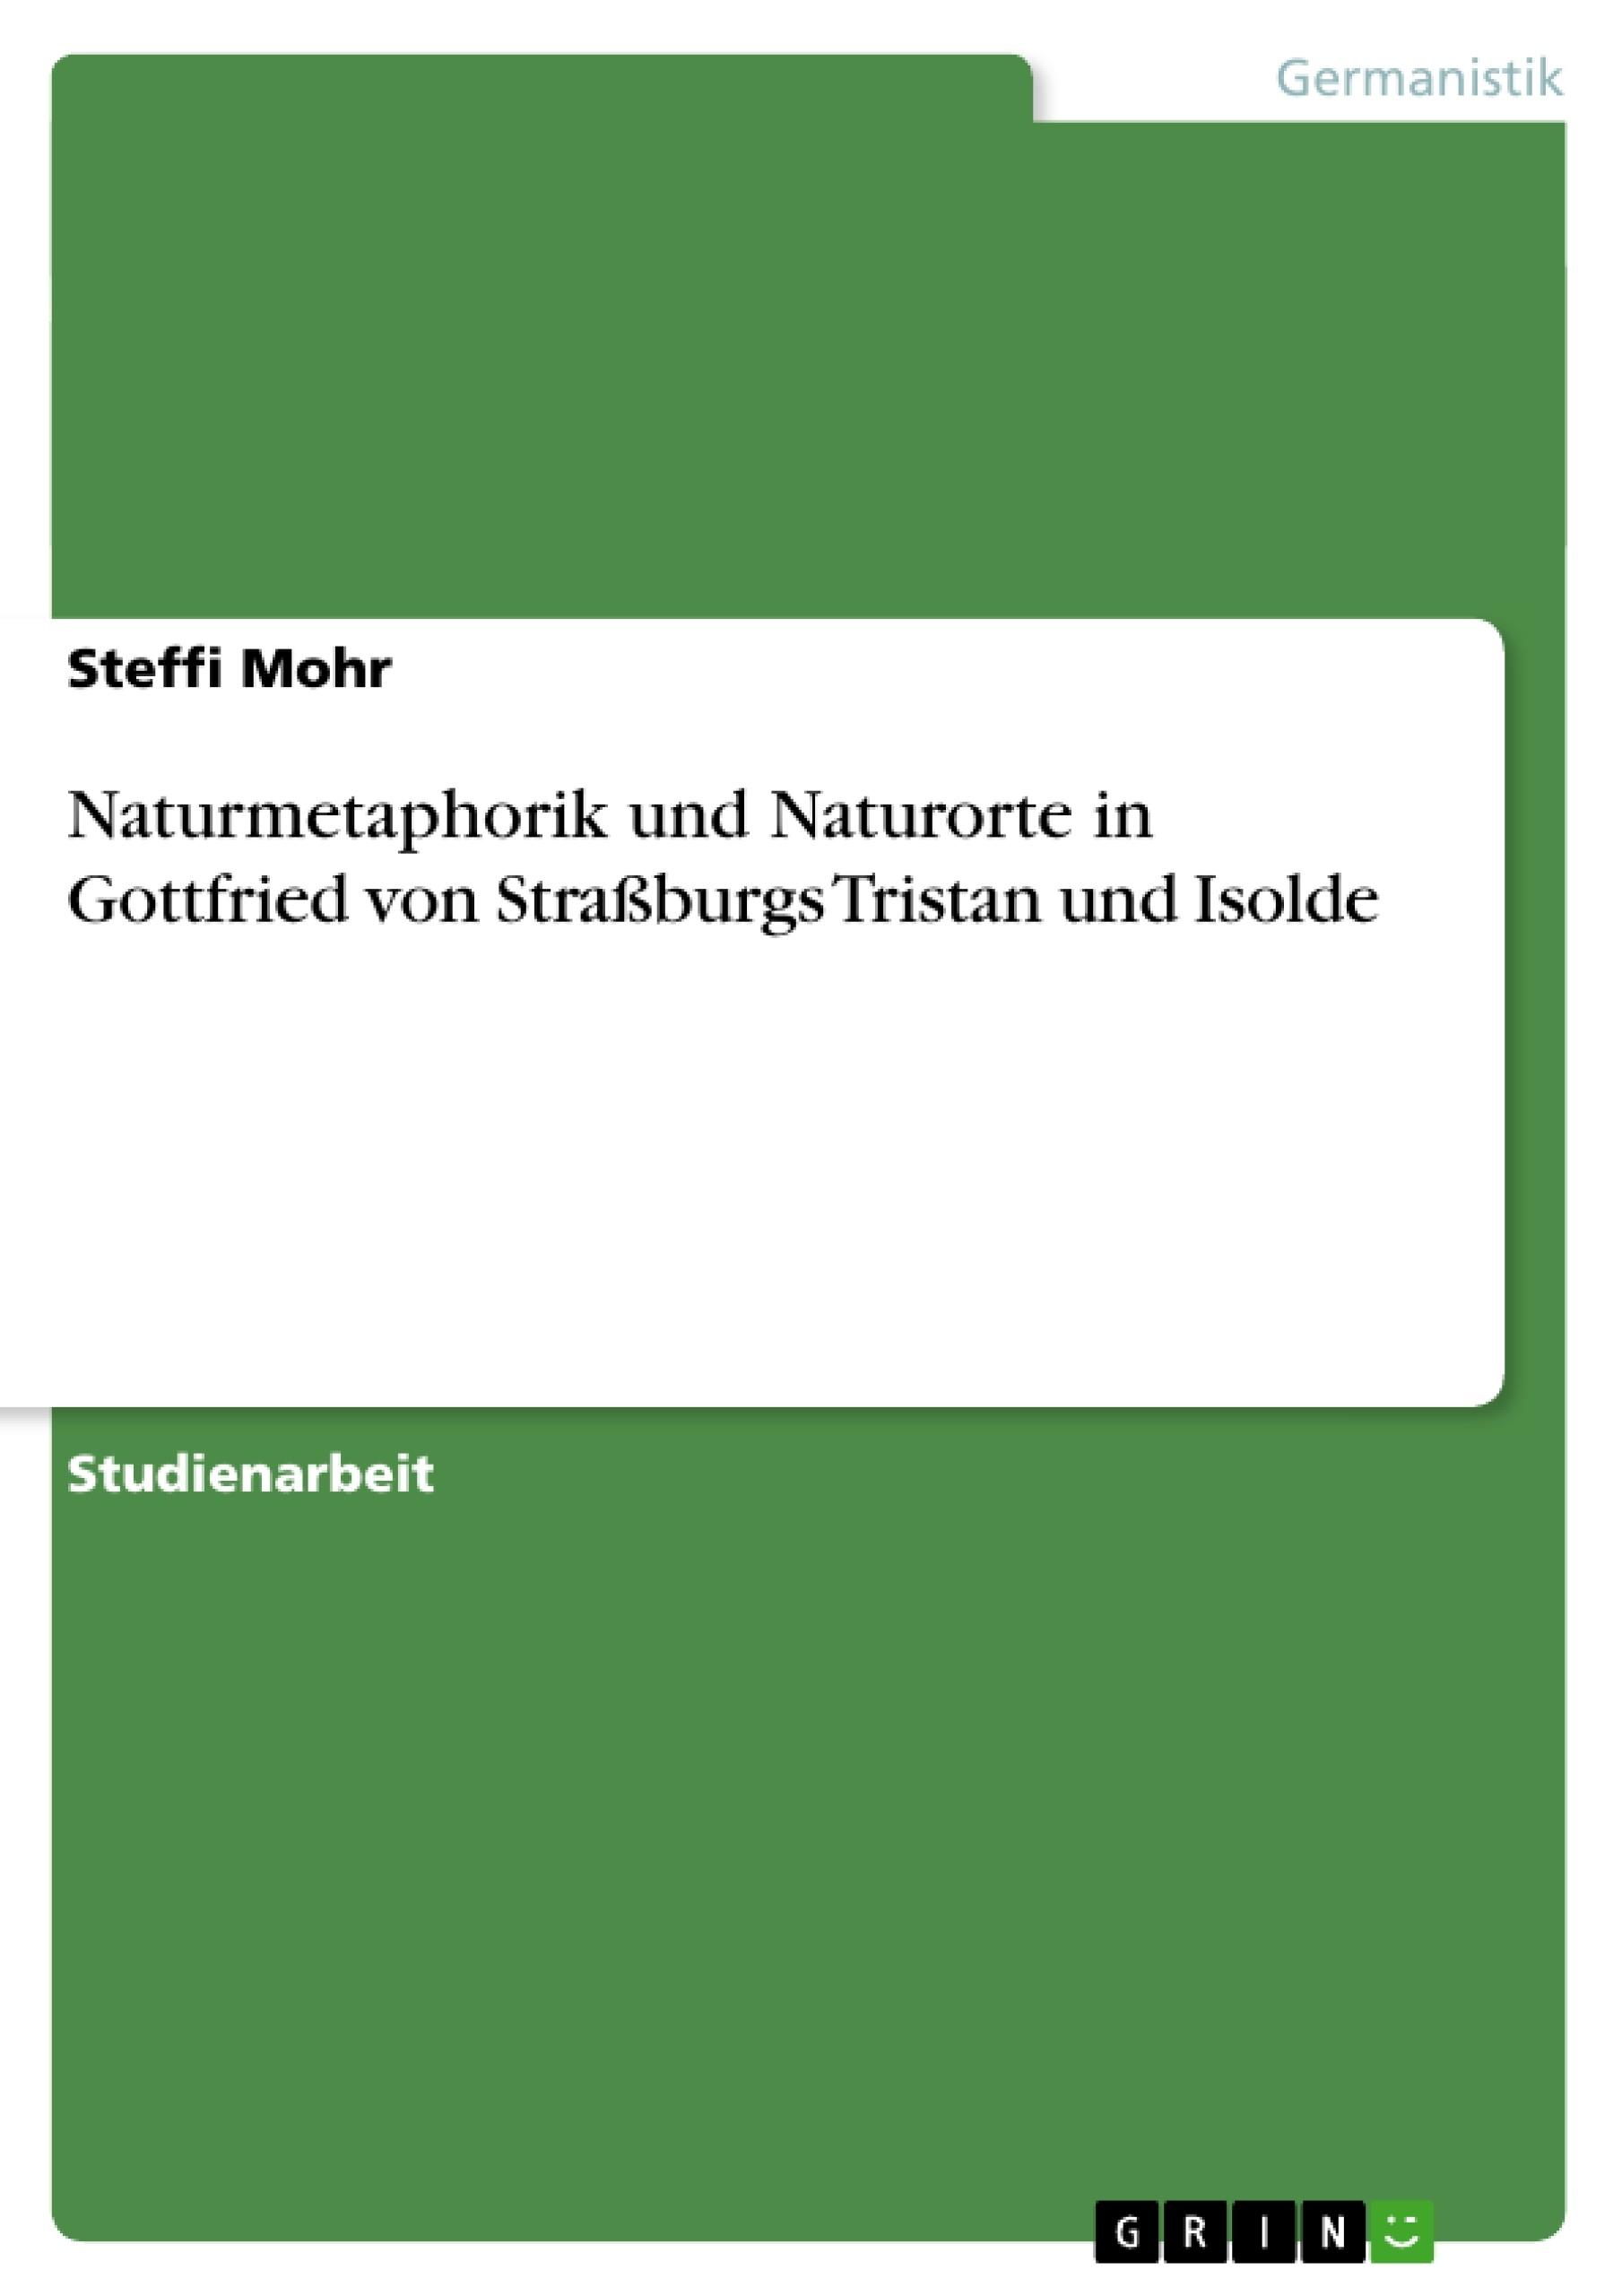 Titel: Naturmetaphorik und Naturorte in Gottfried von Straßburgs Tristan und Isolde